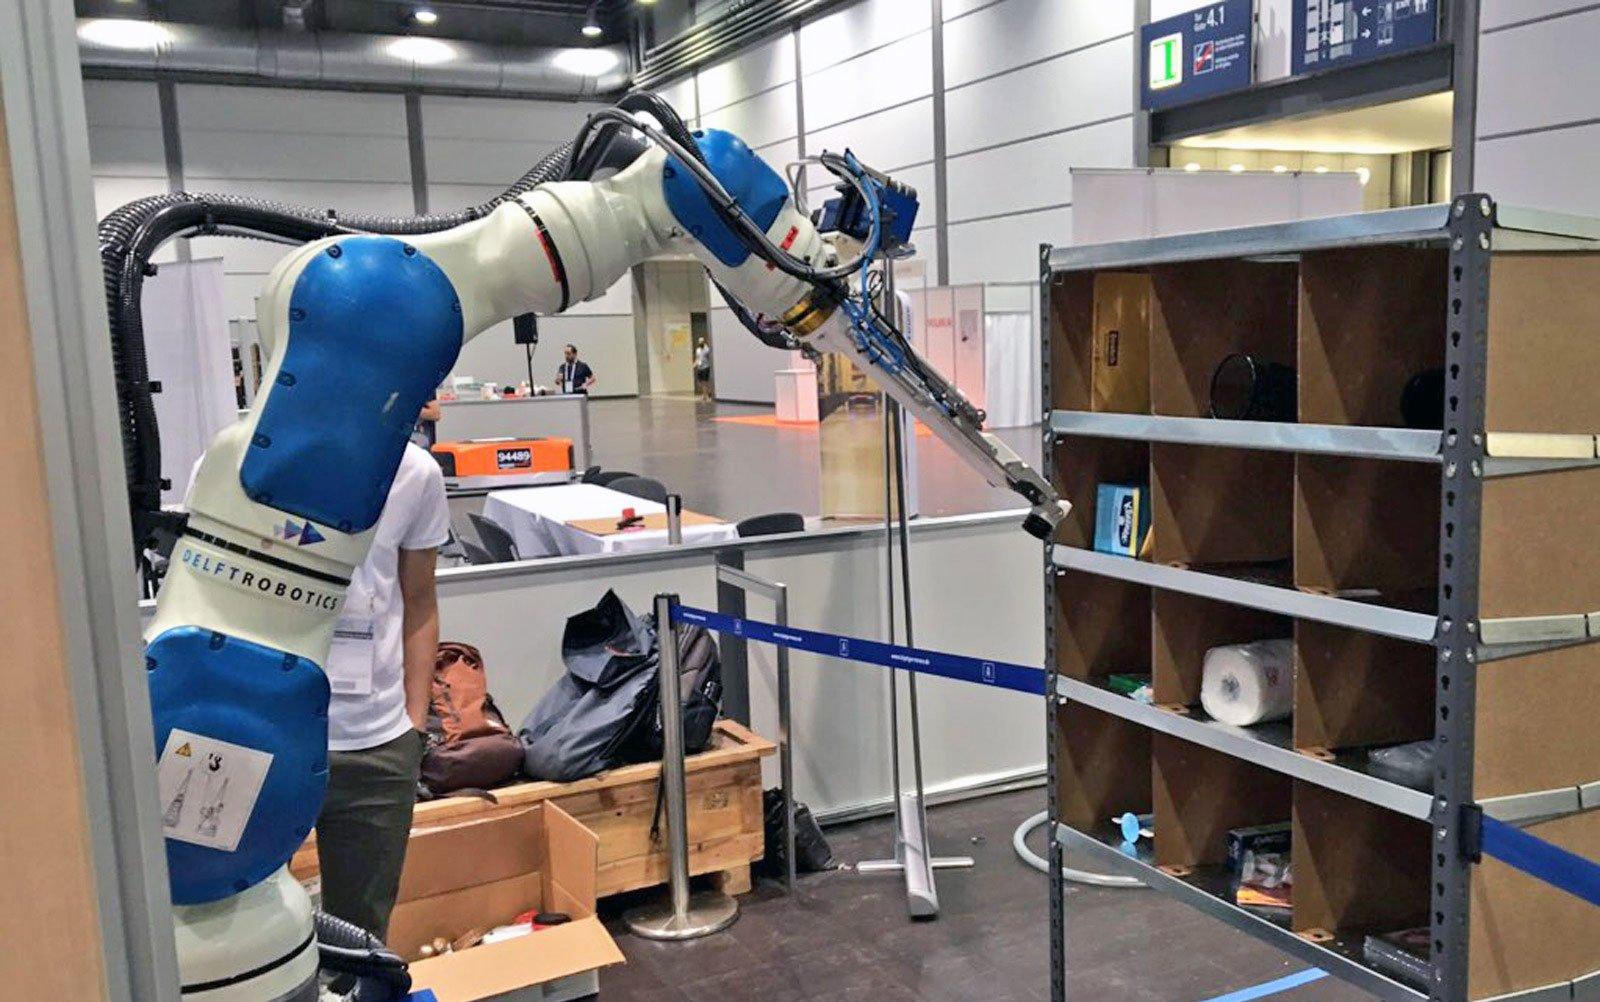 Amazon начал внедрять роботов напозиции менеджеров